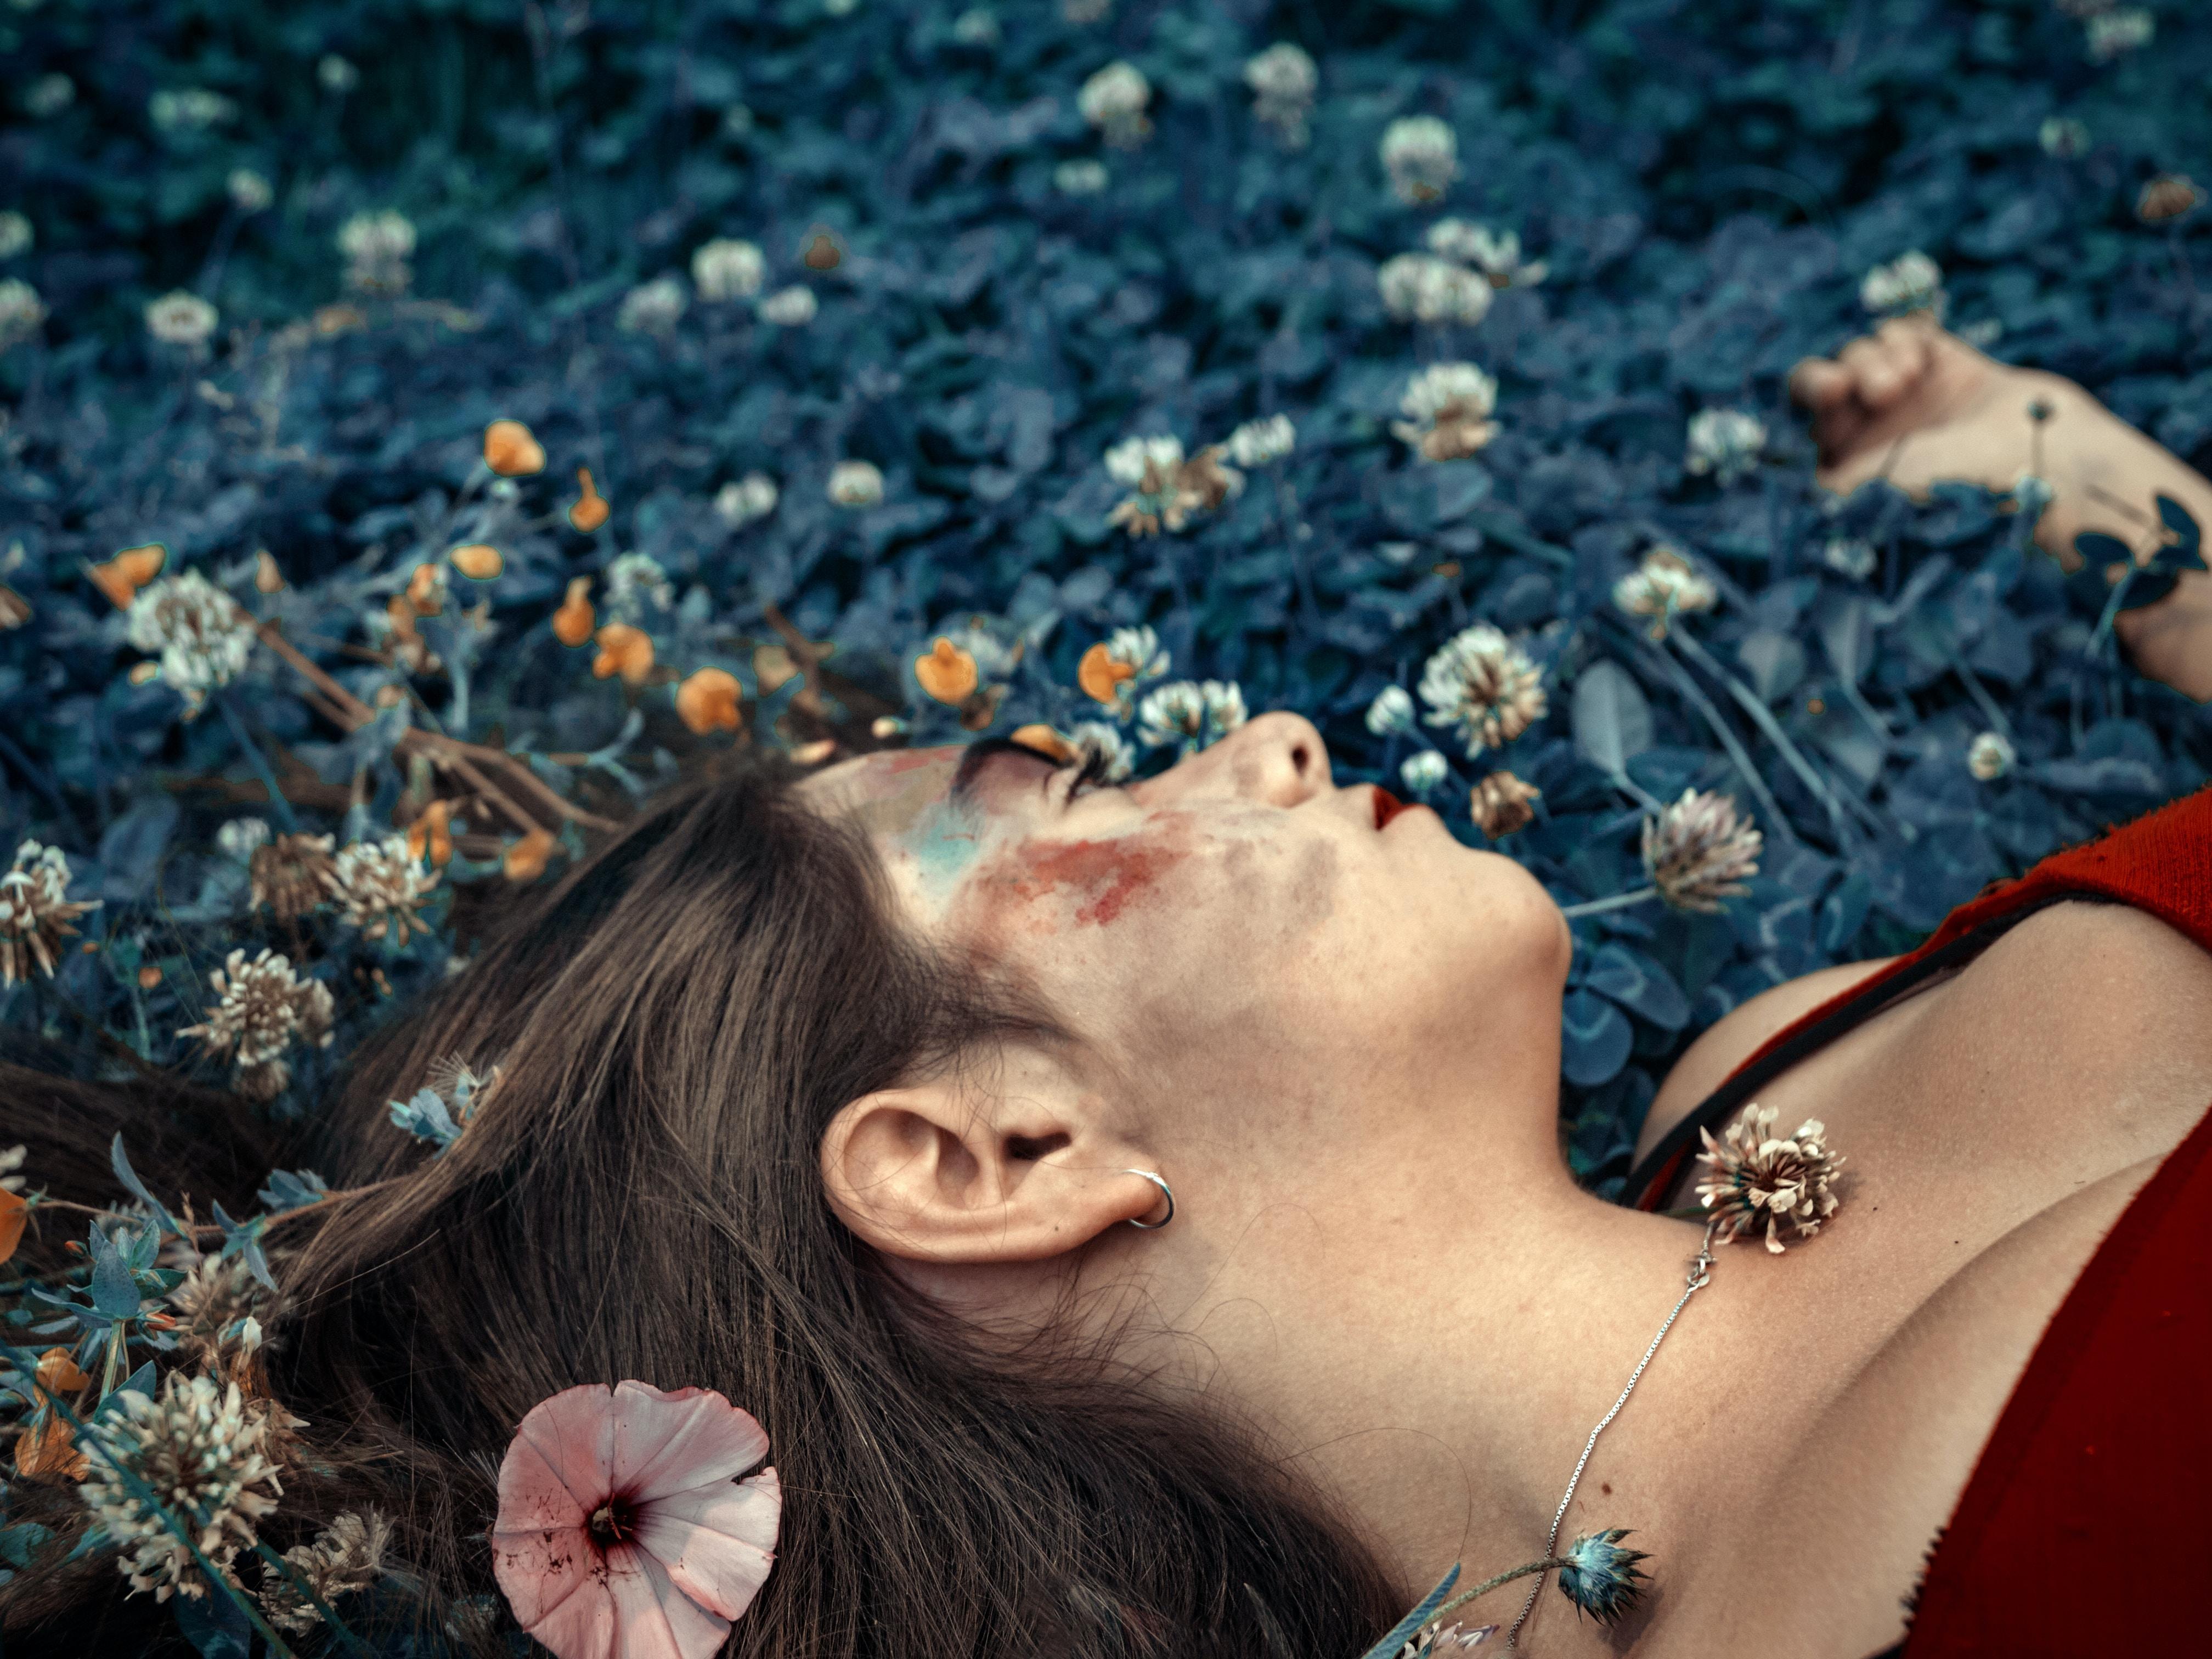 Simple Dreams poems stories